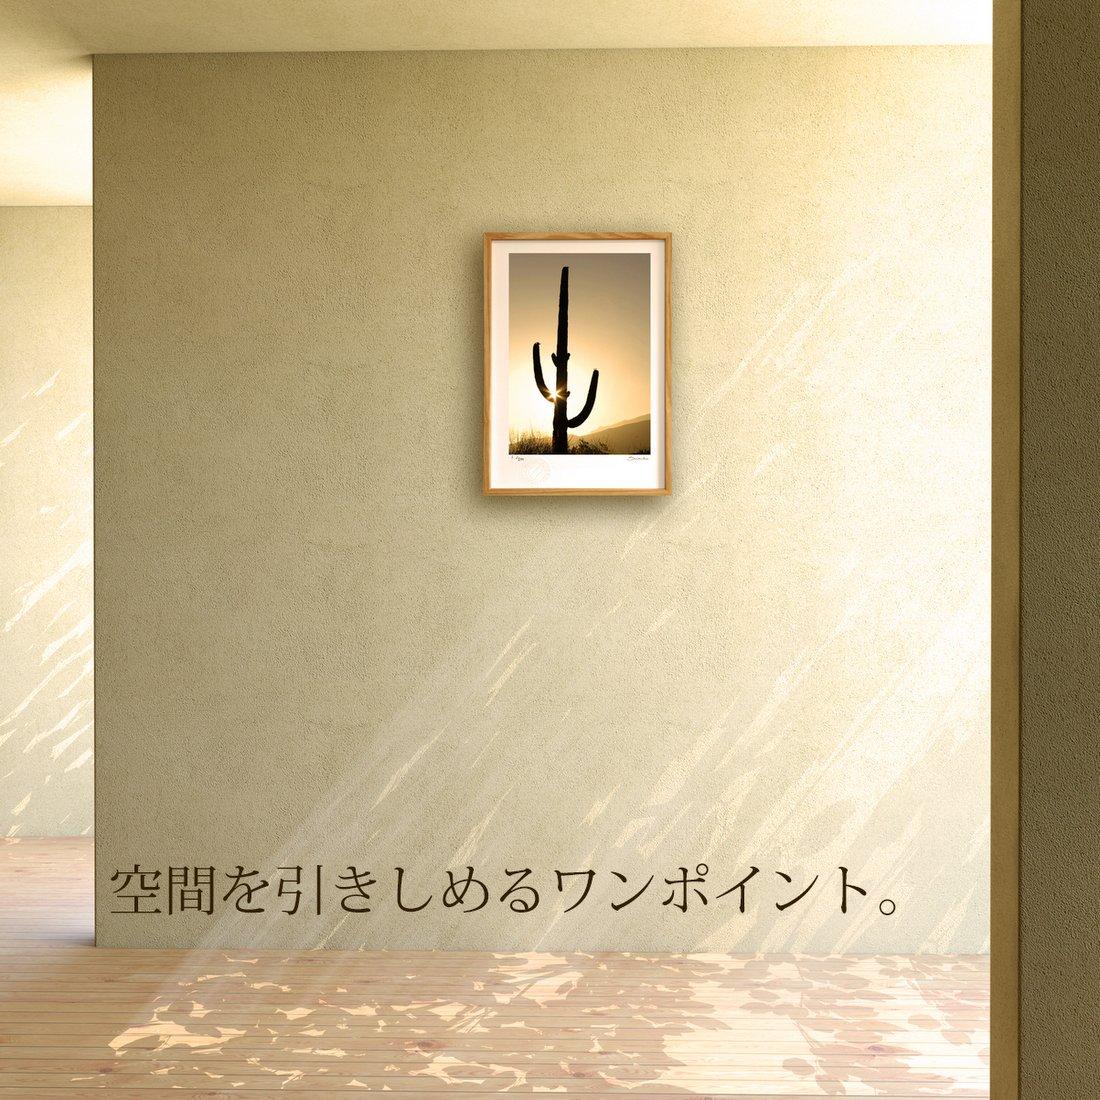 【版画 絵画】ニューメキシコの荒野(スミコ スコット)/インテリア 壁掛け 額入り アート アートパネル アートフレーム